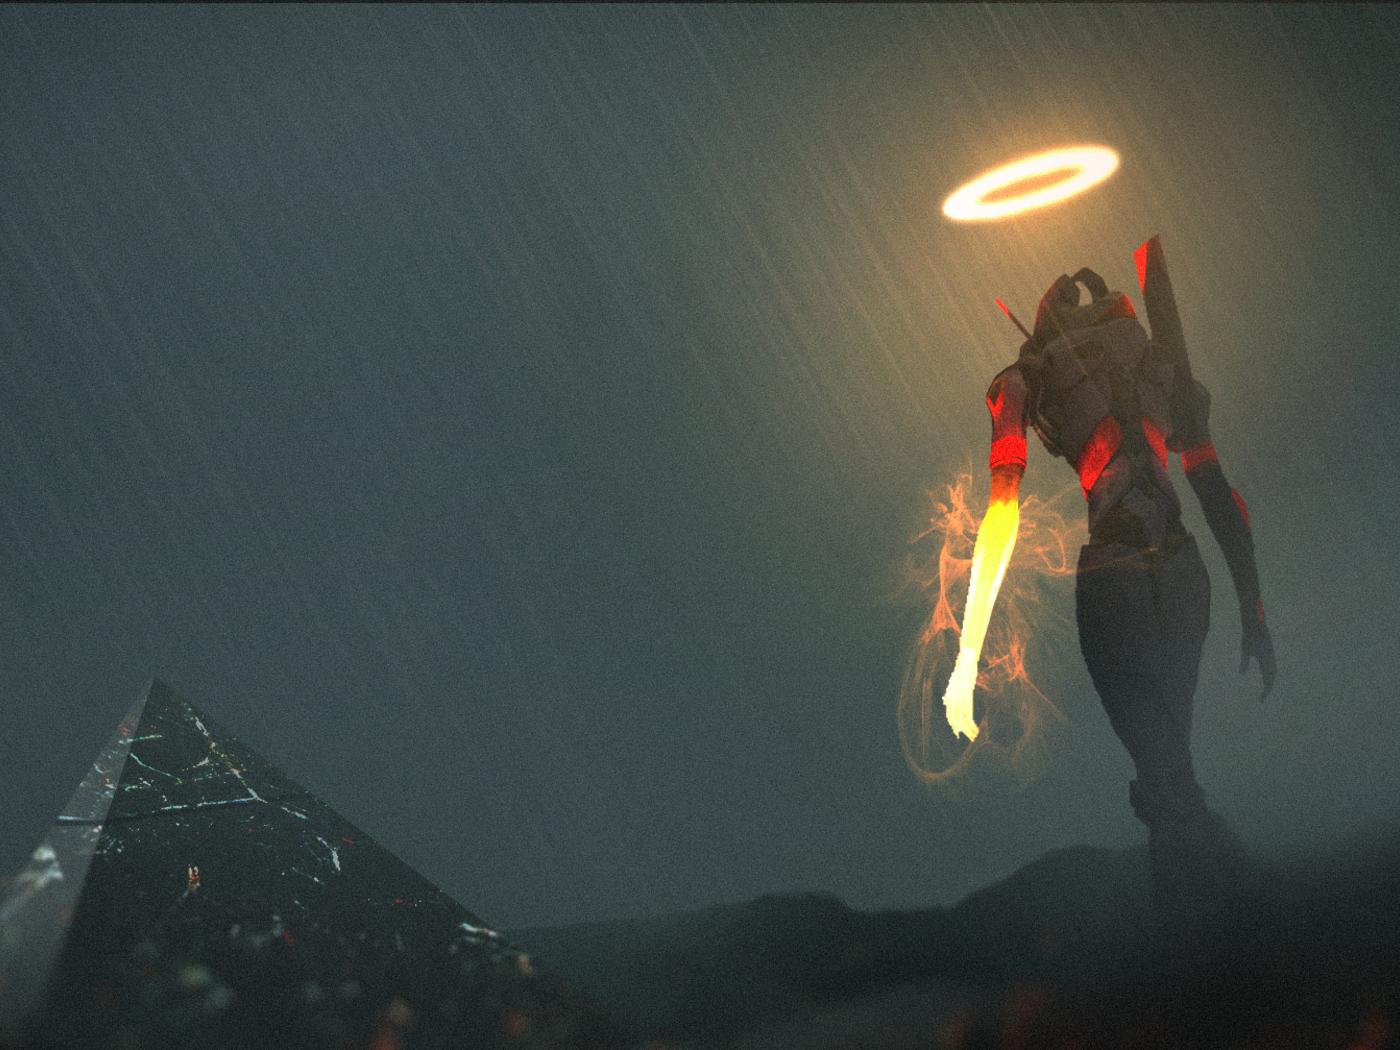 neon-genesis-evangelion-mech-eva-unit-13-0n.jpg